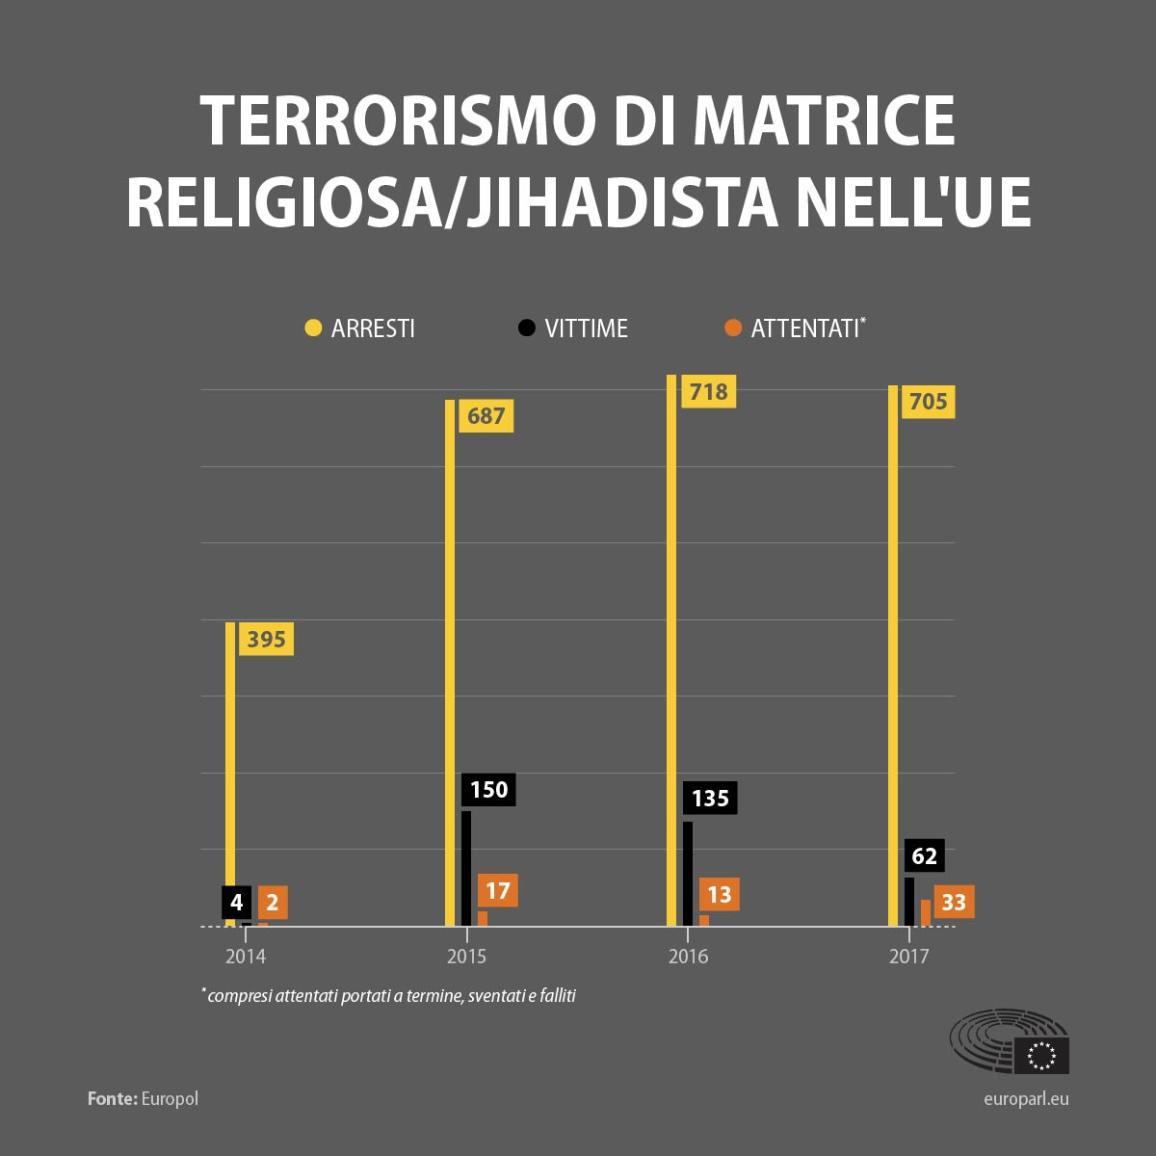 Negli ultimi anni in Europa si è assistito a un mutamento delle strategie e degli strumenti del terrorismo. Ecco i numeri  dal 2014 al 2017. Infografica.